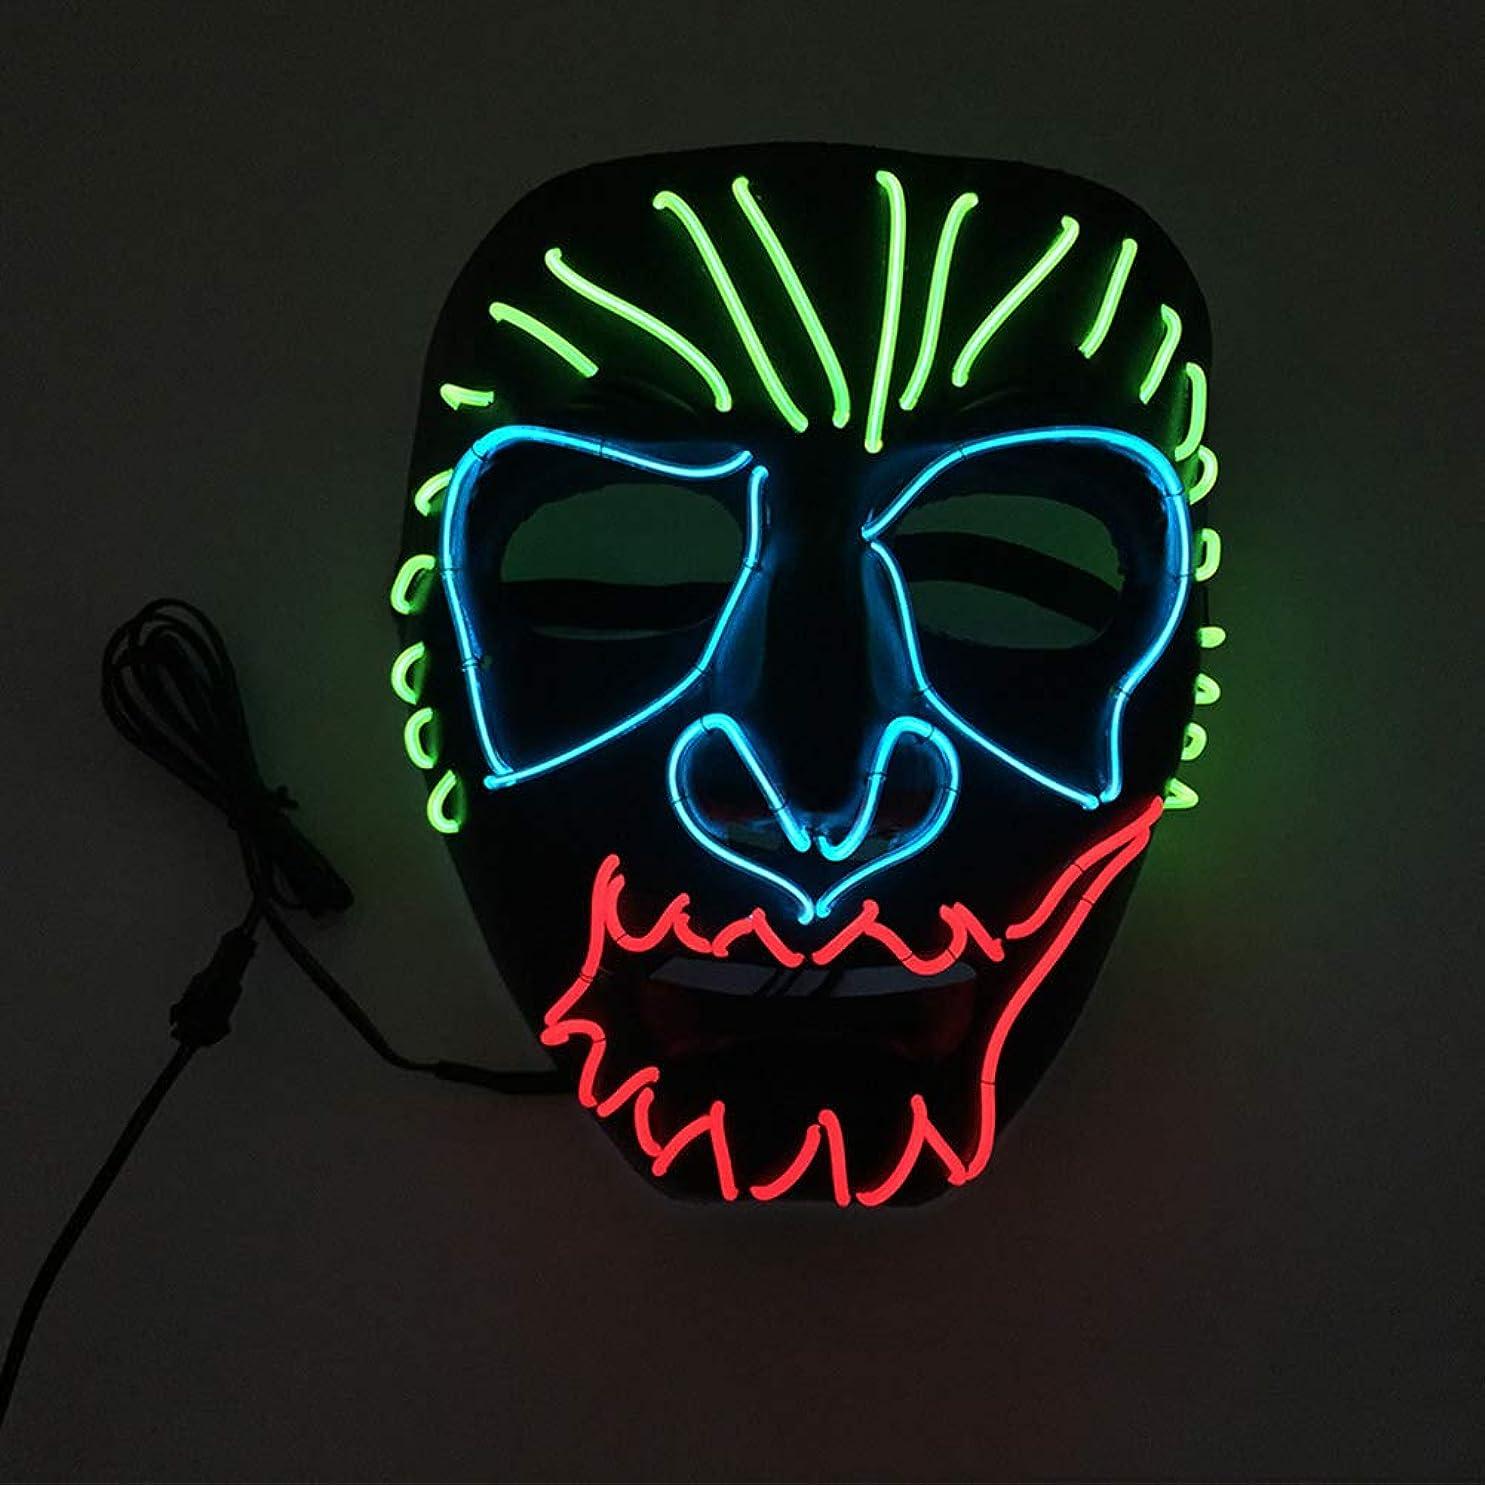 合併症お父さん有料ハロウィン イーグルキング クール テロ LED マスク コスプレ 化粧 プロム パーティー イルミネーション マスク (18×18Cm) MAG.AL